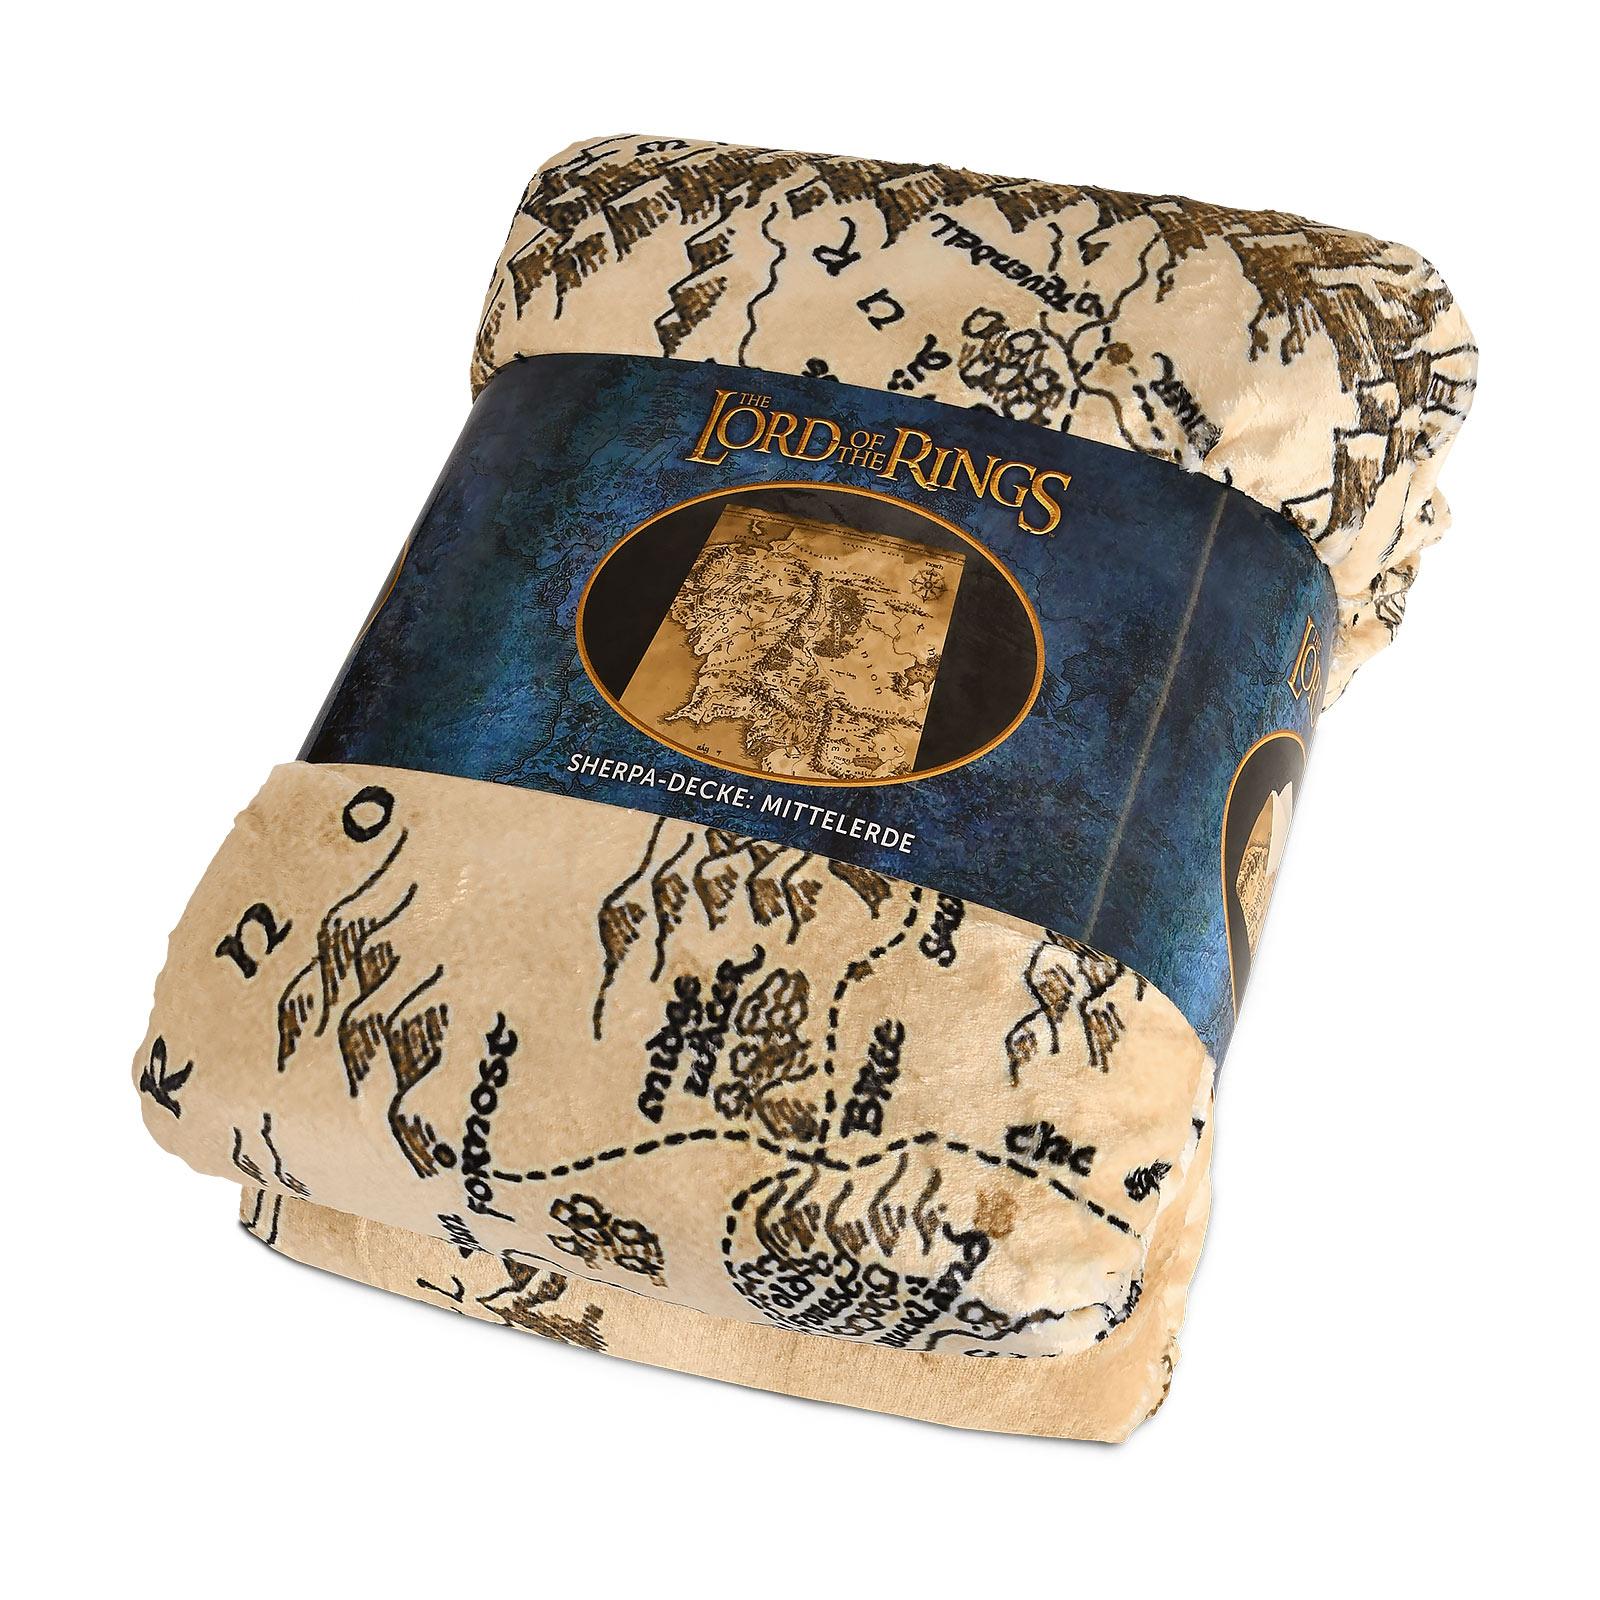 Herr der Ringe - Mittelerde Karte Flauschdecke mit Teddyfell